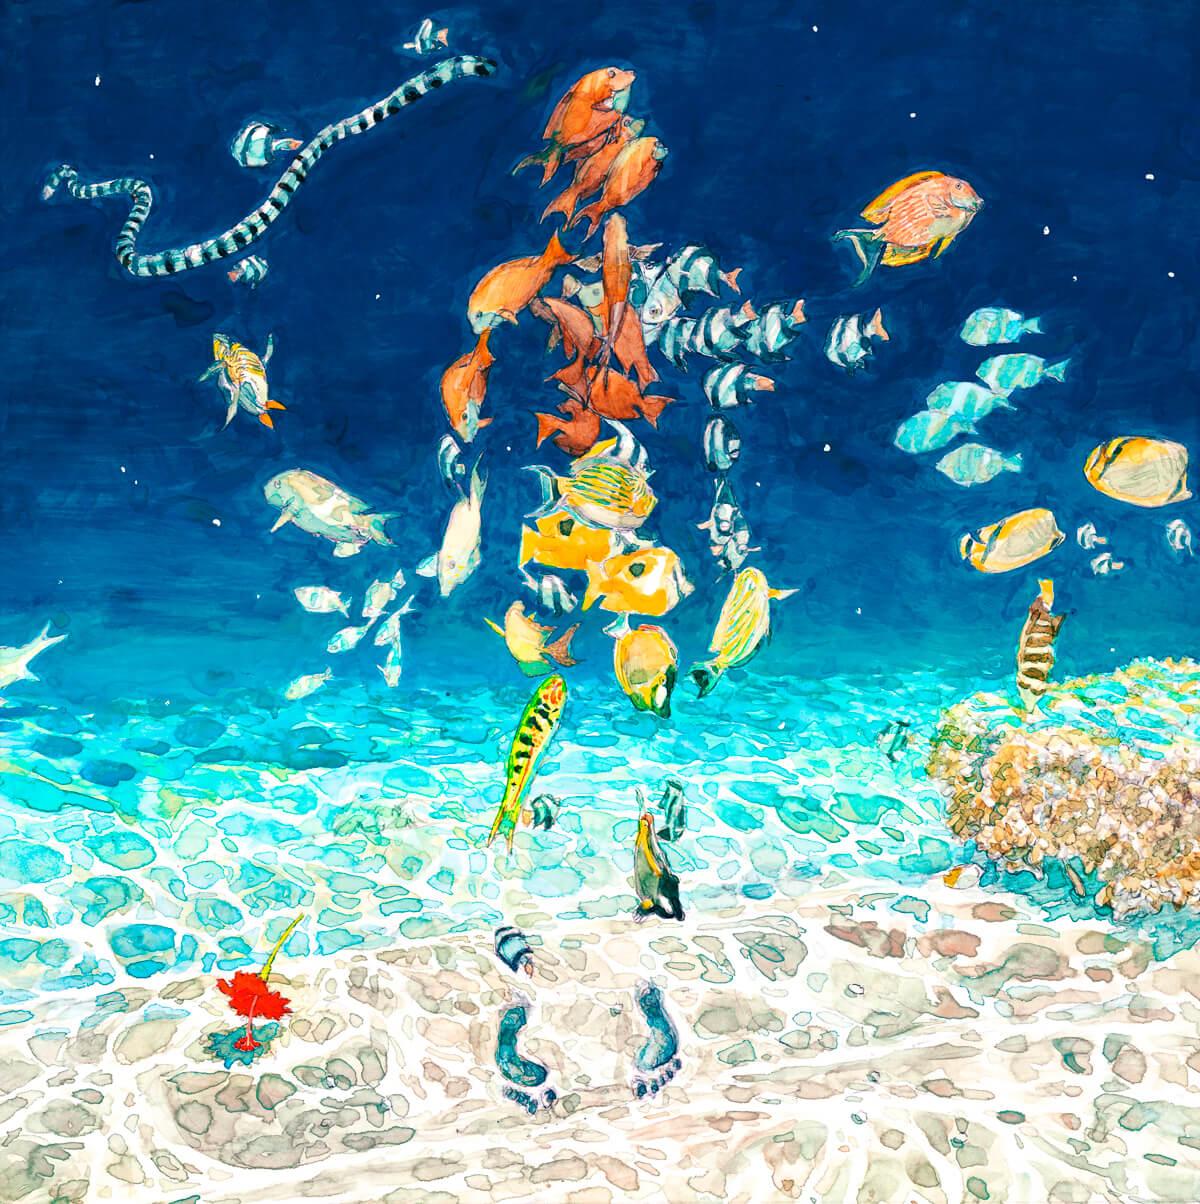 米津玄師「海の幽霊」が2019年デイリーNo.1ダウンロード数を記録! music190604_yonezukenshi_1